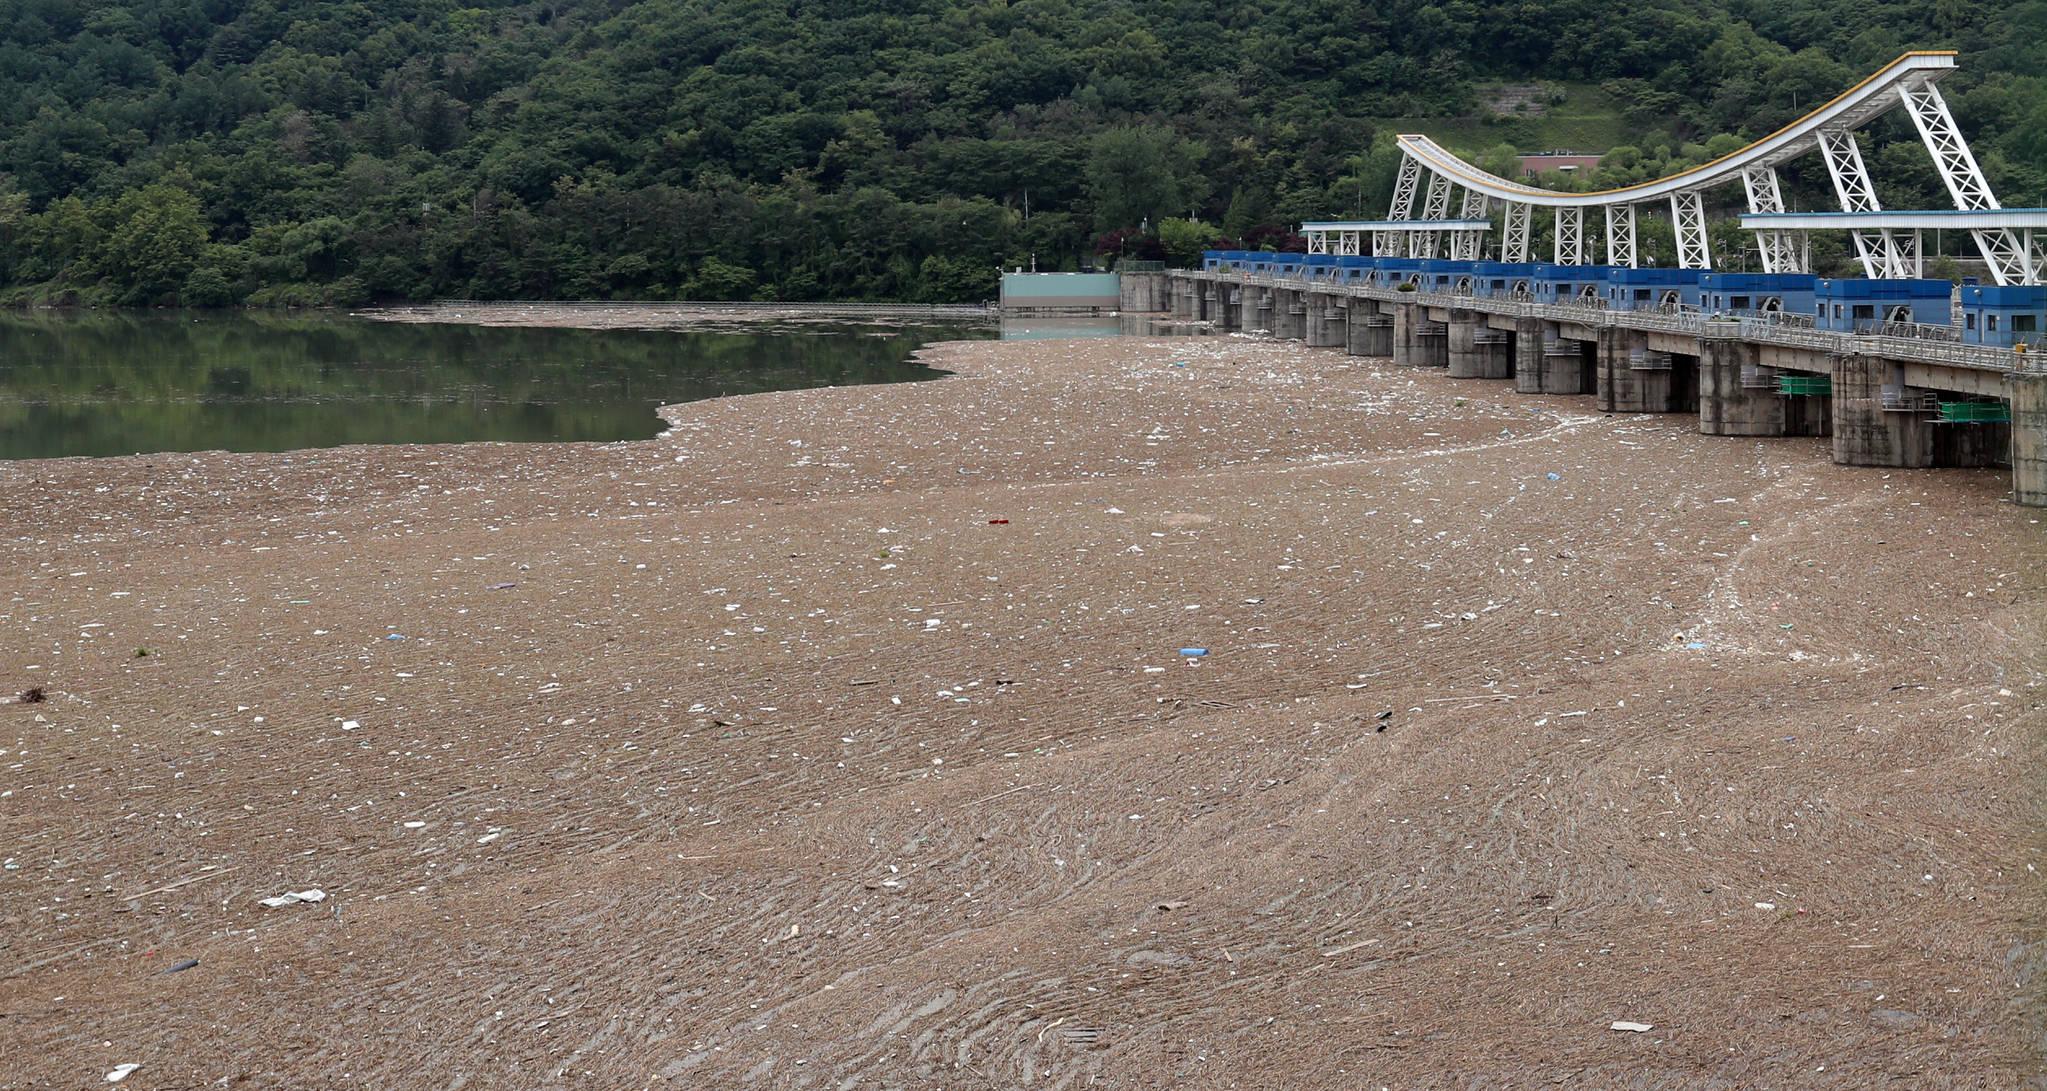 휴일인 22일 오후 경기도 하남시 팔당댐 상류 부근에 지난 16~18일 내렸던 집중호우에 떠내려온 쓰레기가 쌓여 있다. 김경록 기자